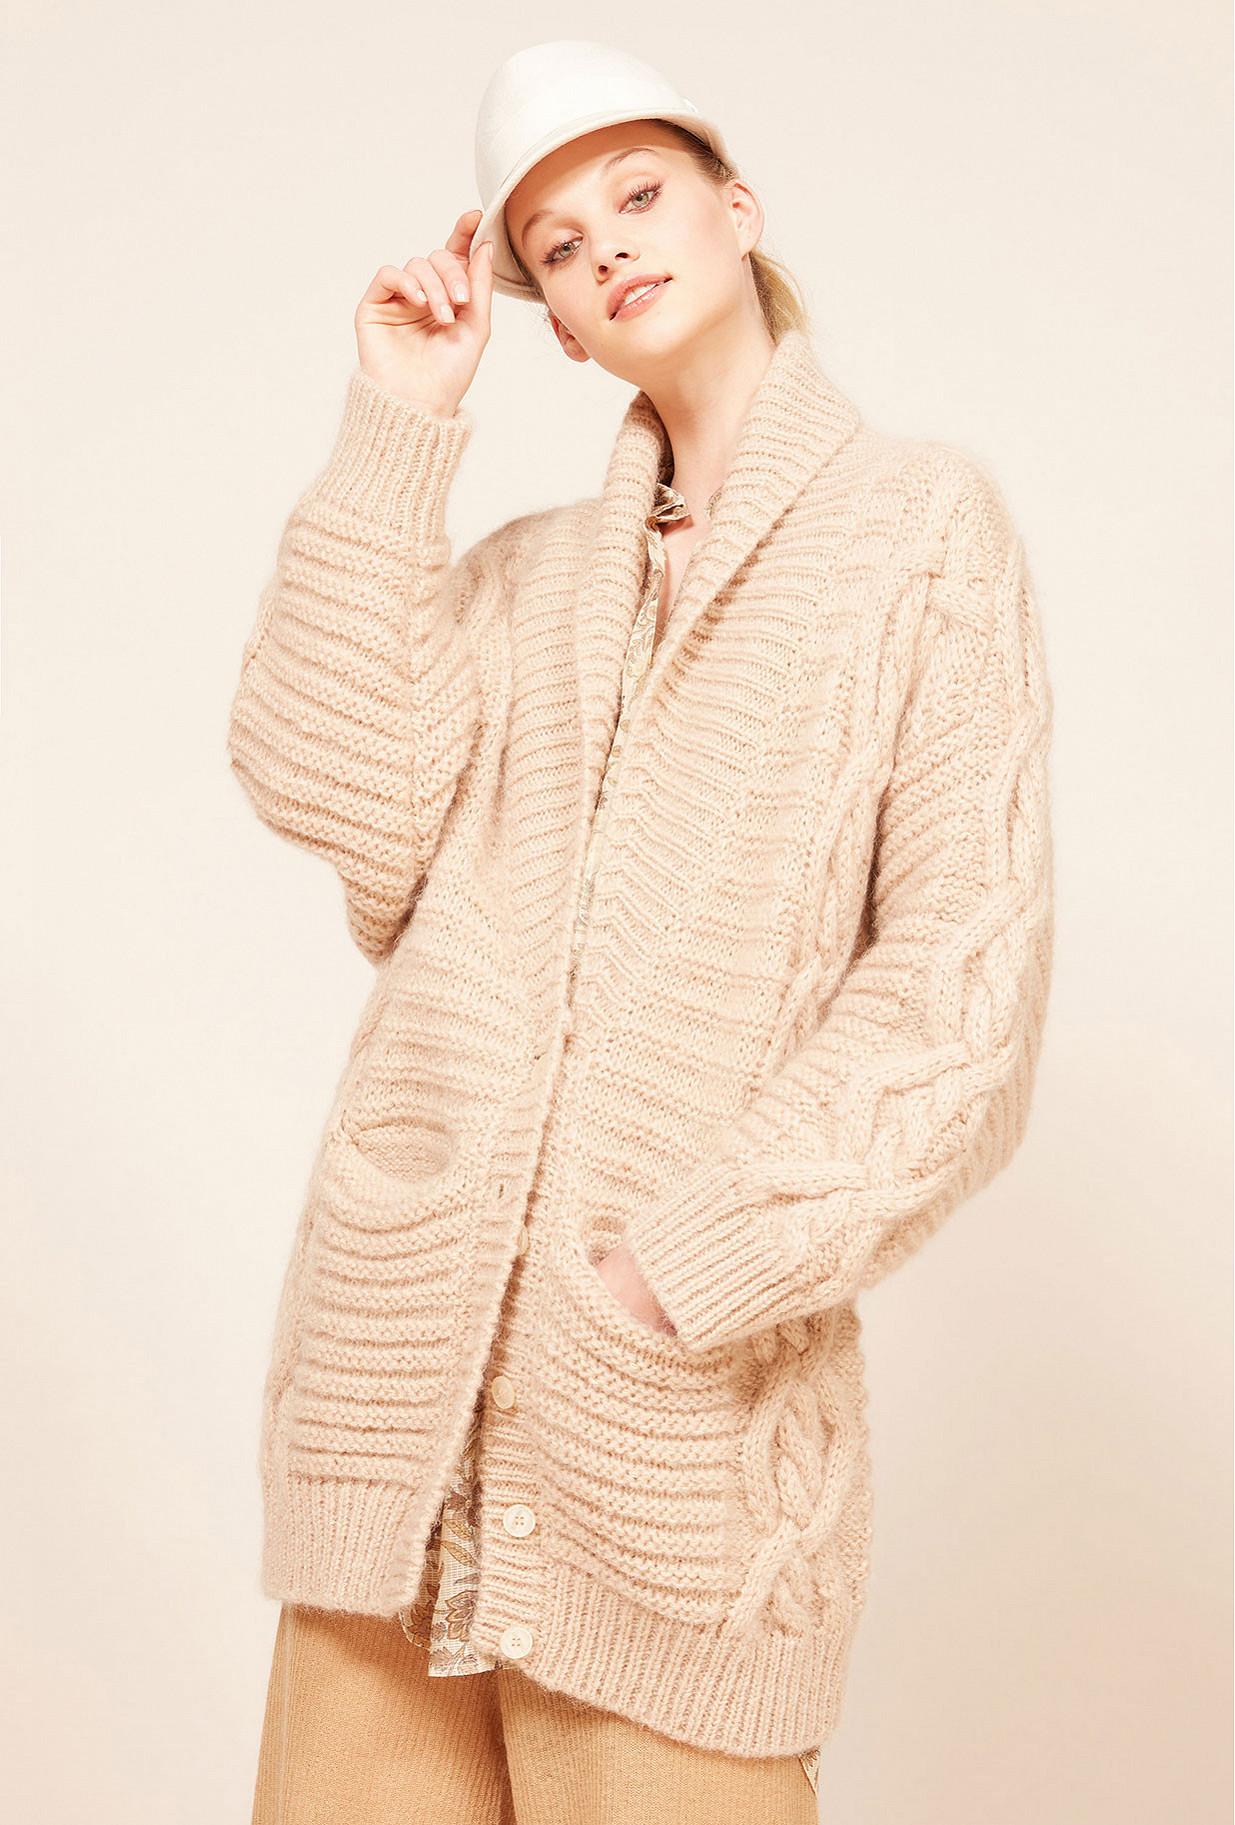 Beige  Cardigan  Coaz Mes demoiselles fashion clothes designer Paris